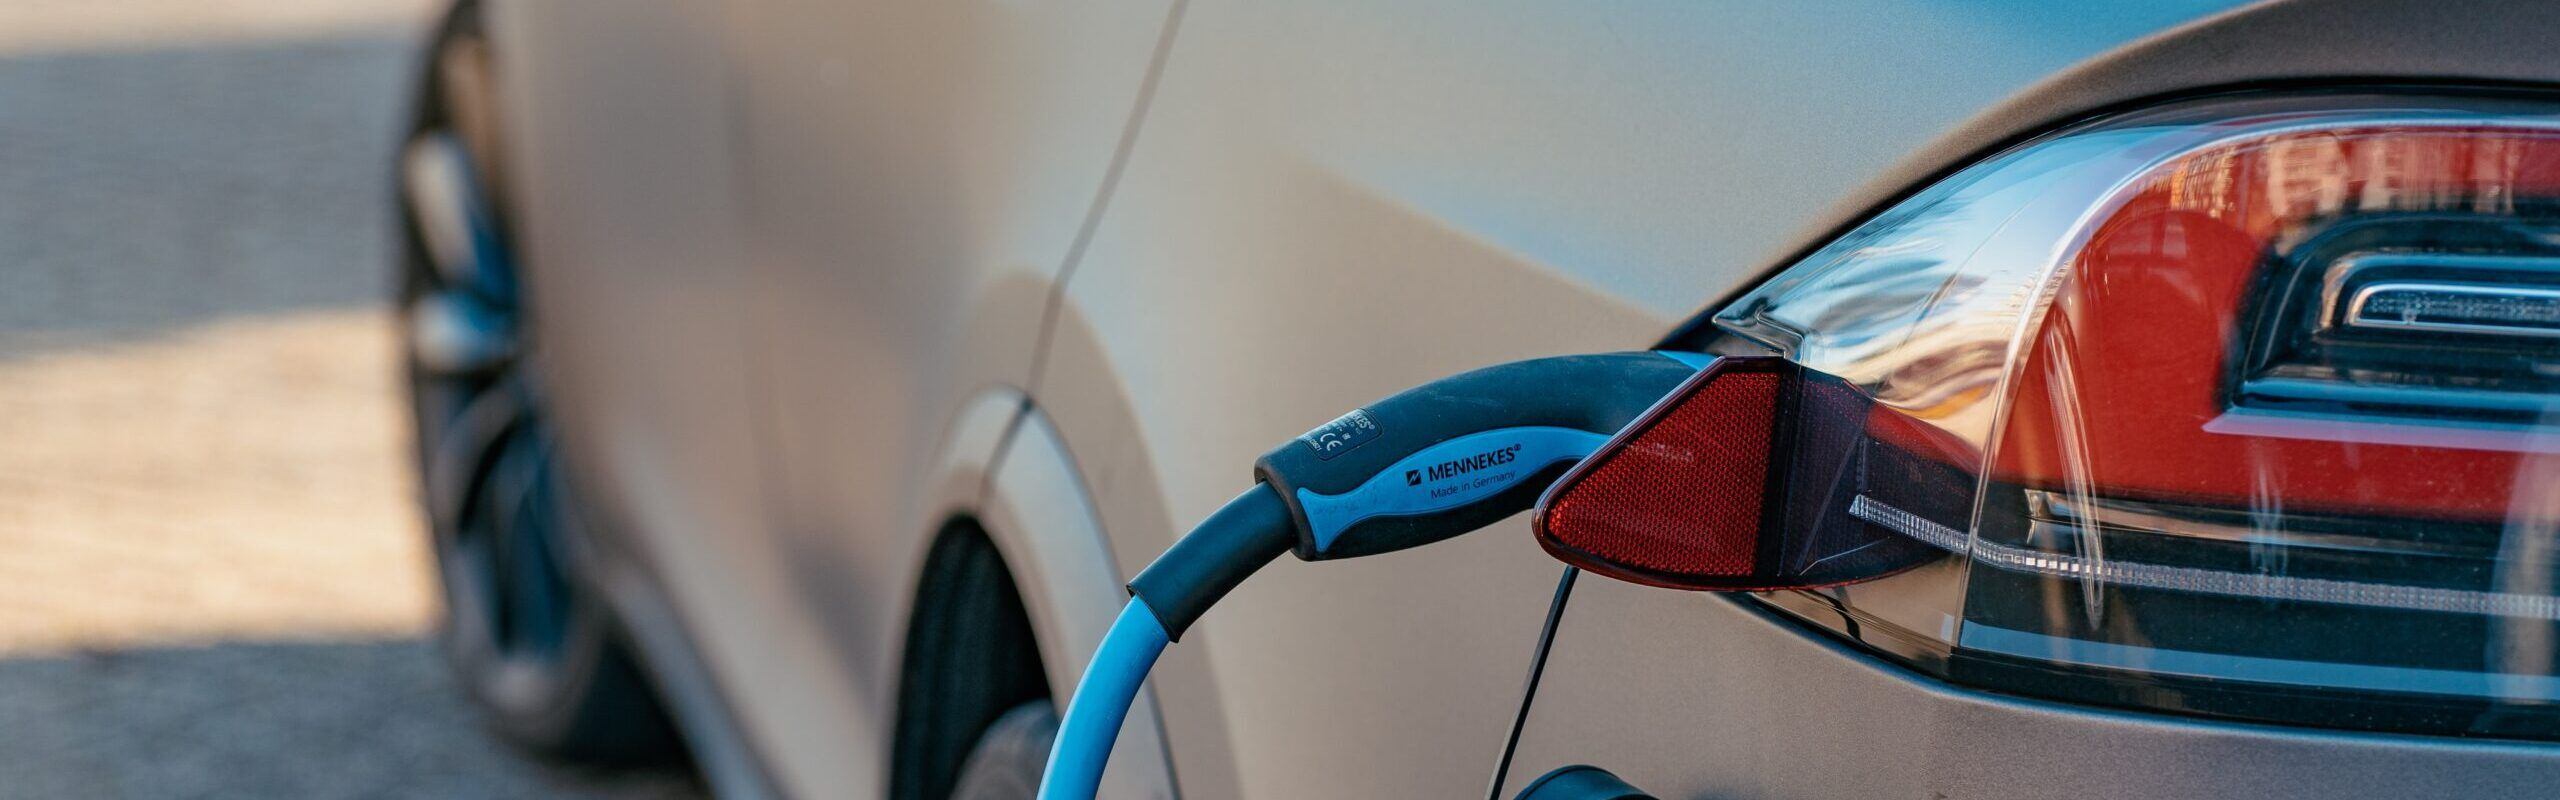 coches-electricos-hibridos